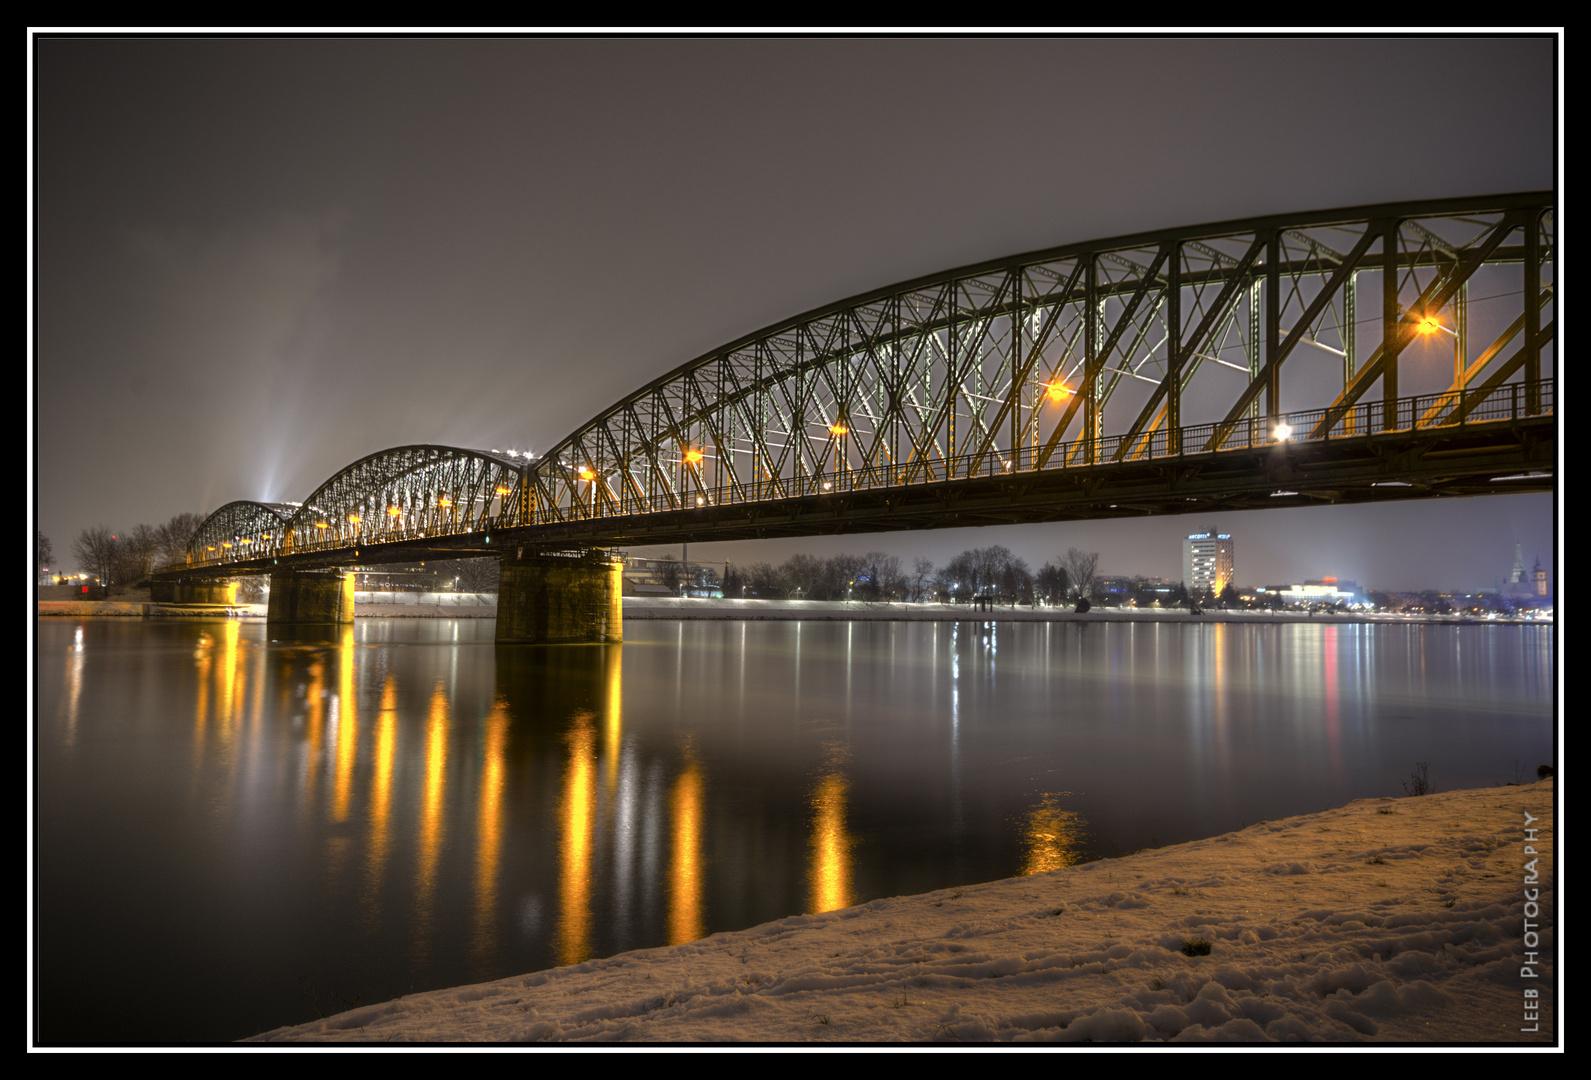 Railwaybridge @ Night